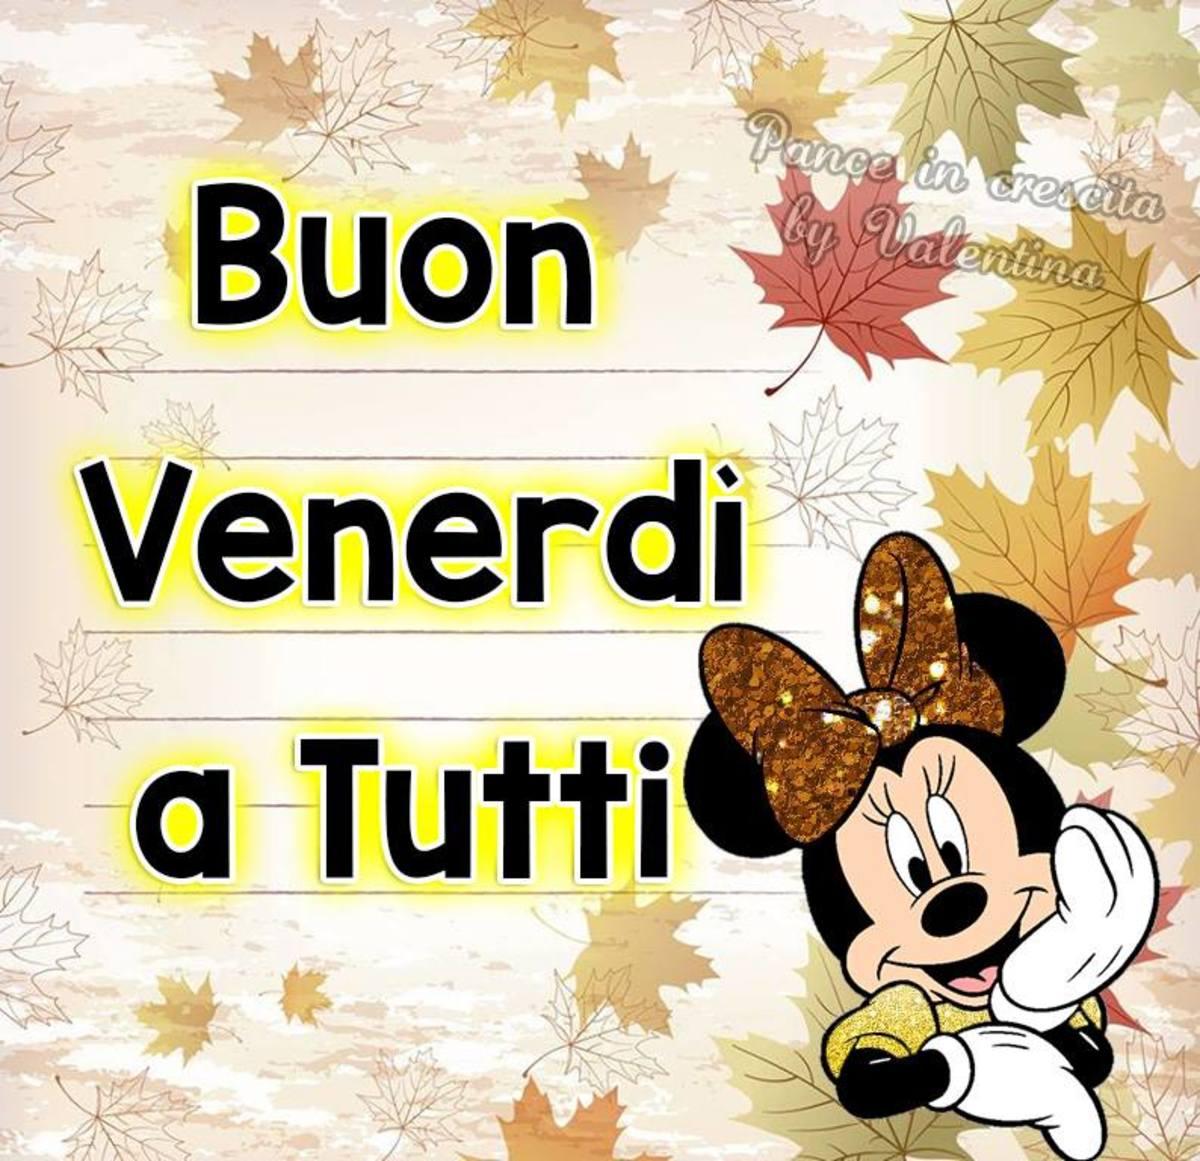 Buon Venerdì Autunno Buongiornissimocaffe It